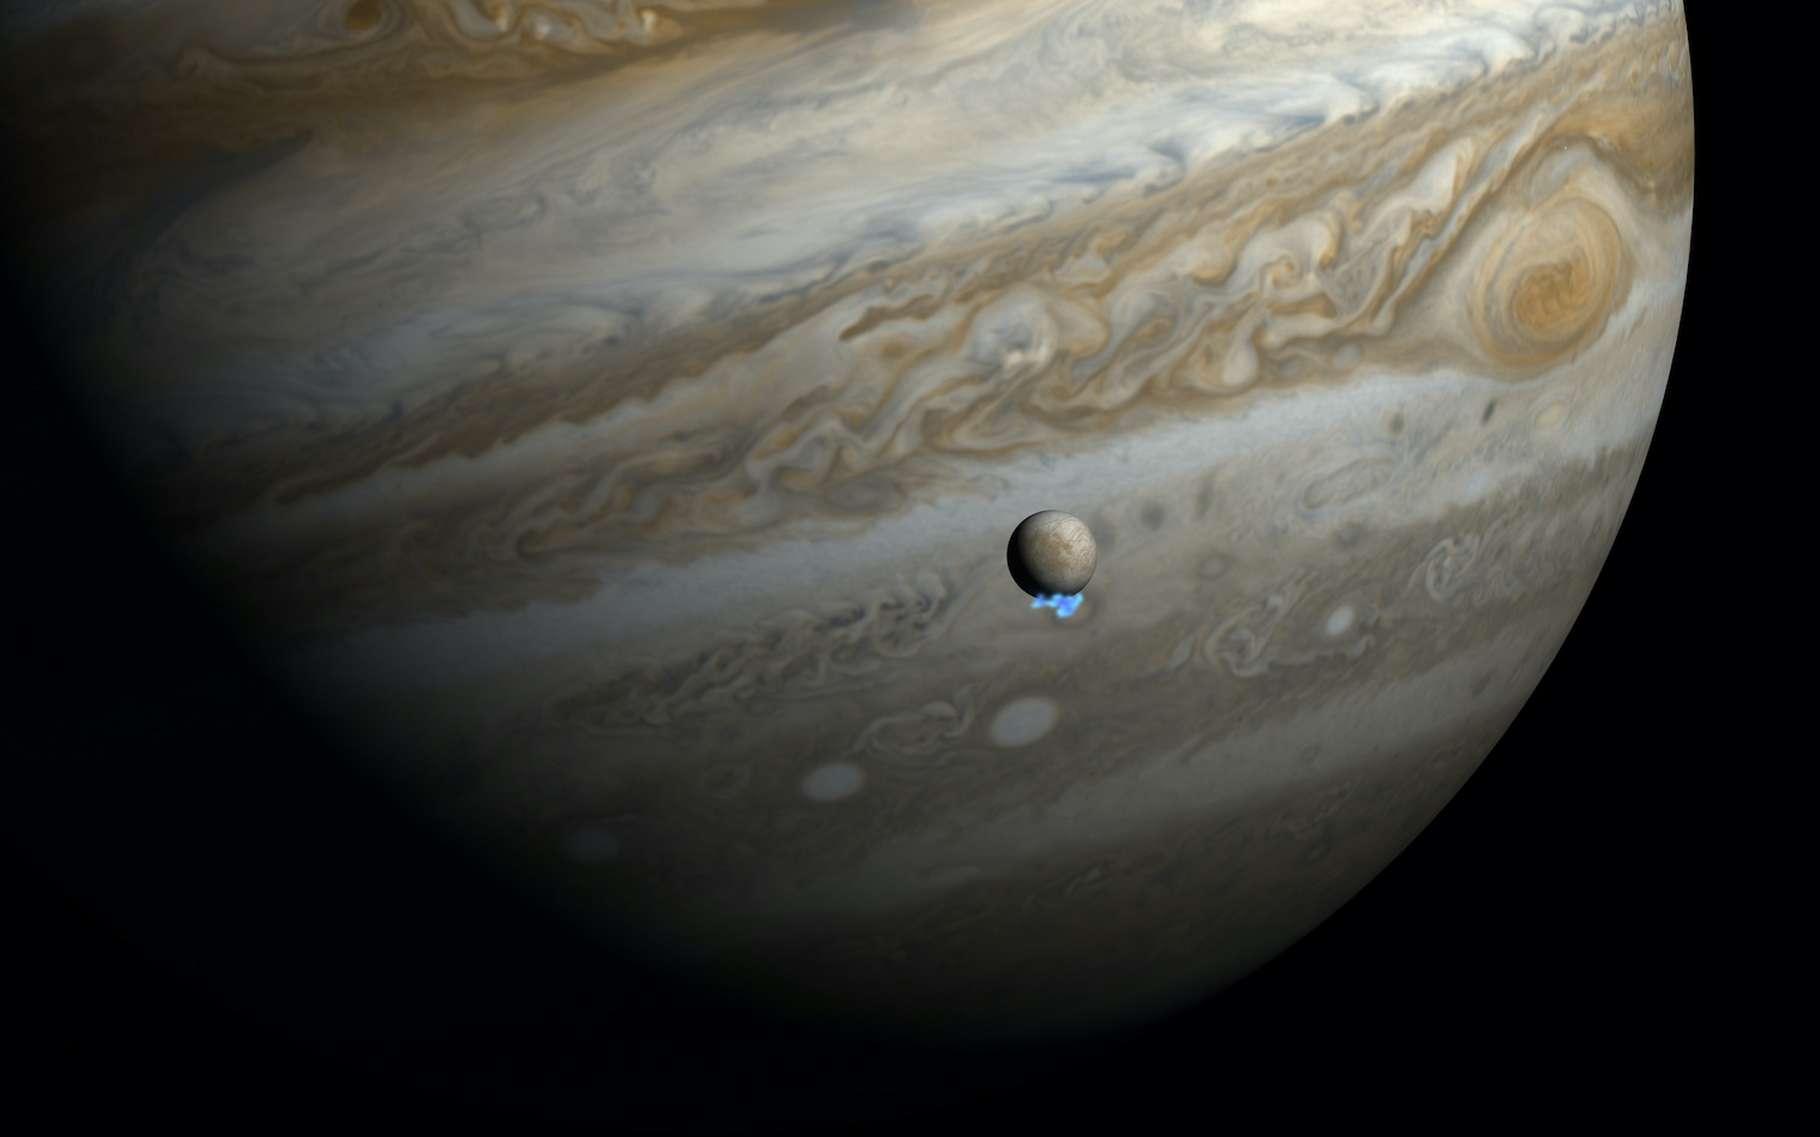 Nouveaux indices que de l'eau jaillit d'Europe, une lune de Jupiter qui cacherait un océan